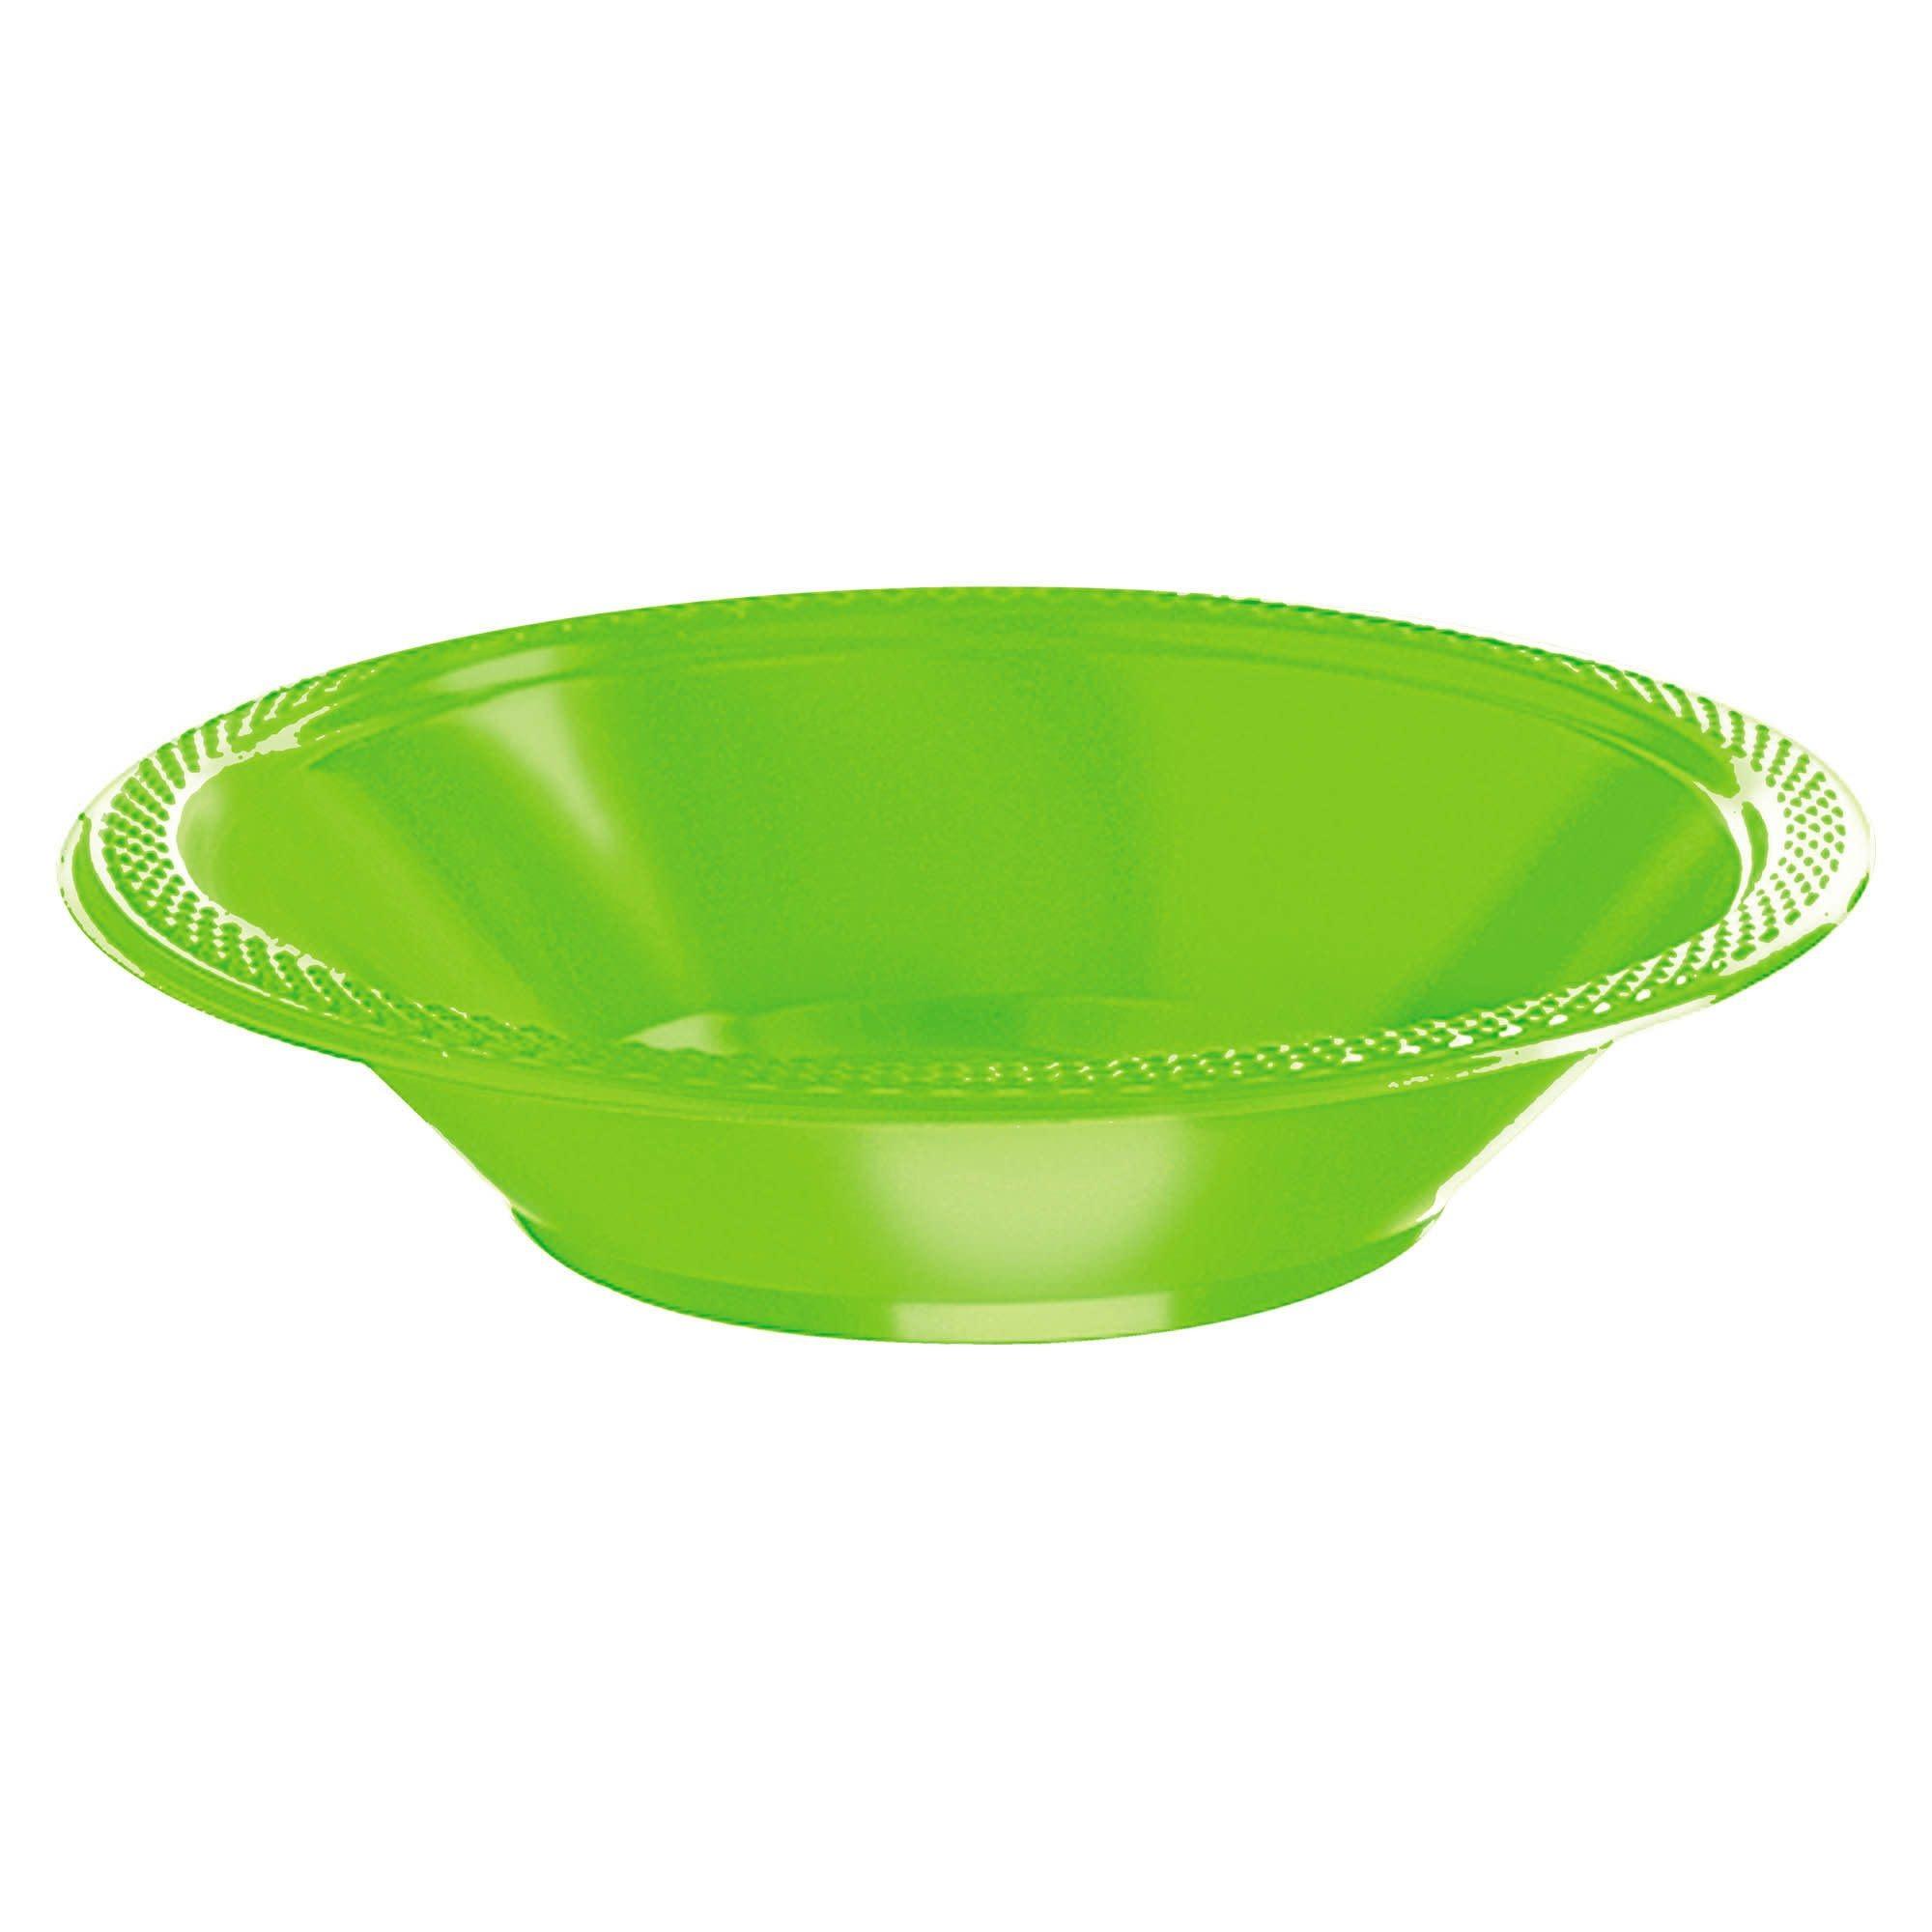 Kiwi Plastic Bowls, 12oz.